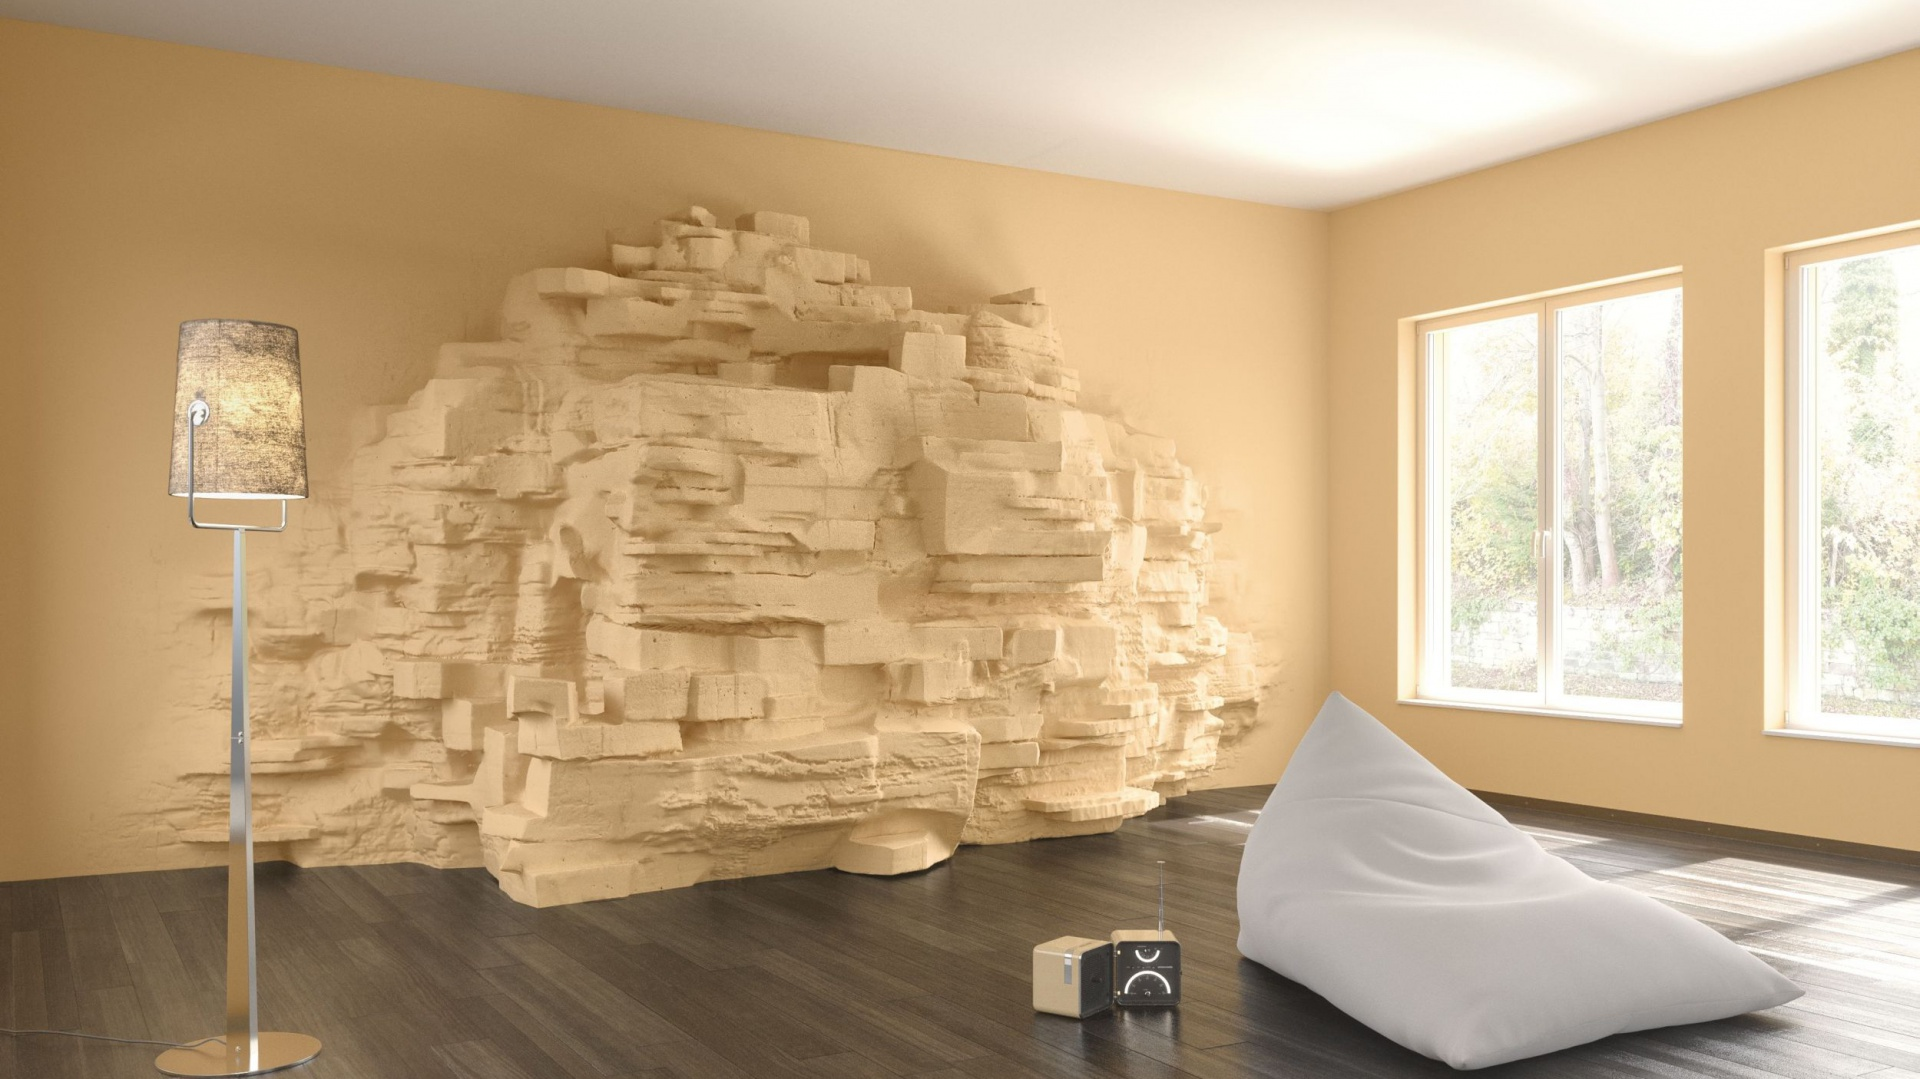 Mineralne masy szpachlowe na bazie wapna ozdobią naszą ścianę w stylu klasycznym, śródziemnomorskim lub nowoczesnym. Używając jednego produktu, można tworzyć nieograniczone rodzaje powierzchni.  Dzięki bogatej ofercie barw i kreatywnej technice wnętrze nabierze wyrazistego charakteru. Fot. Sto